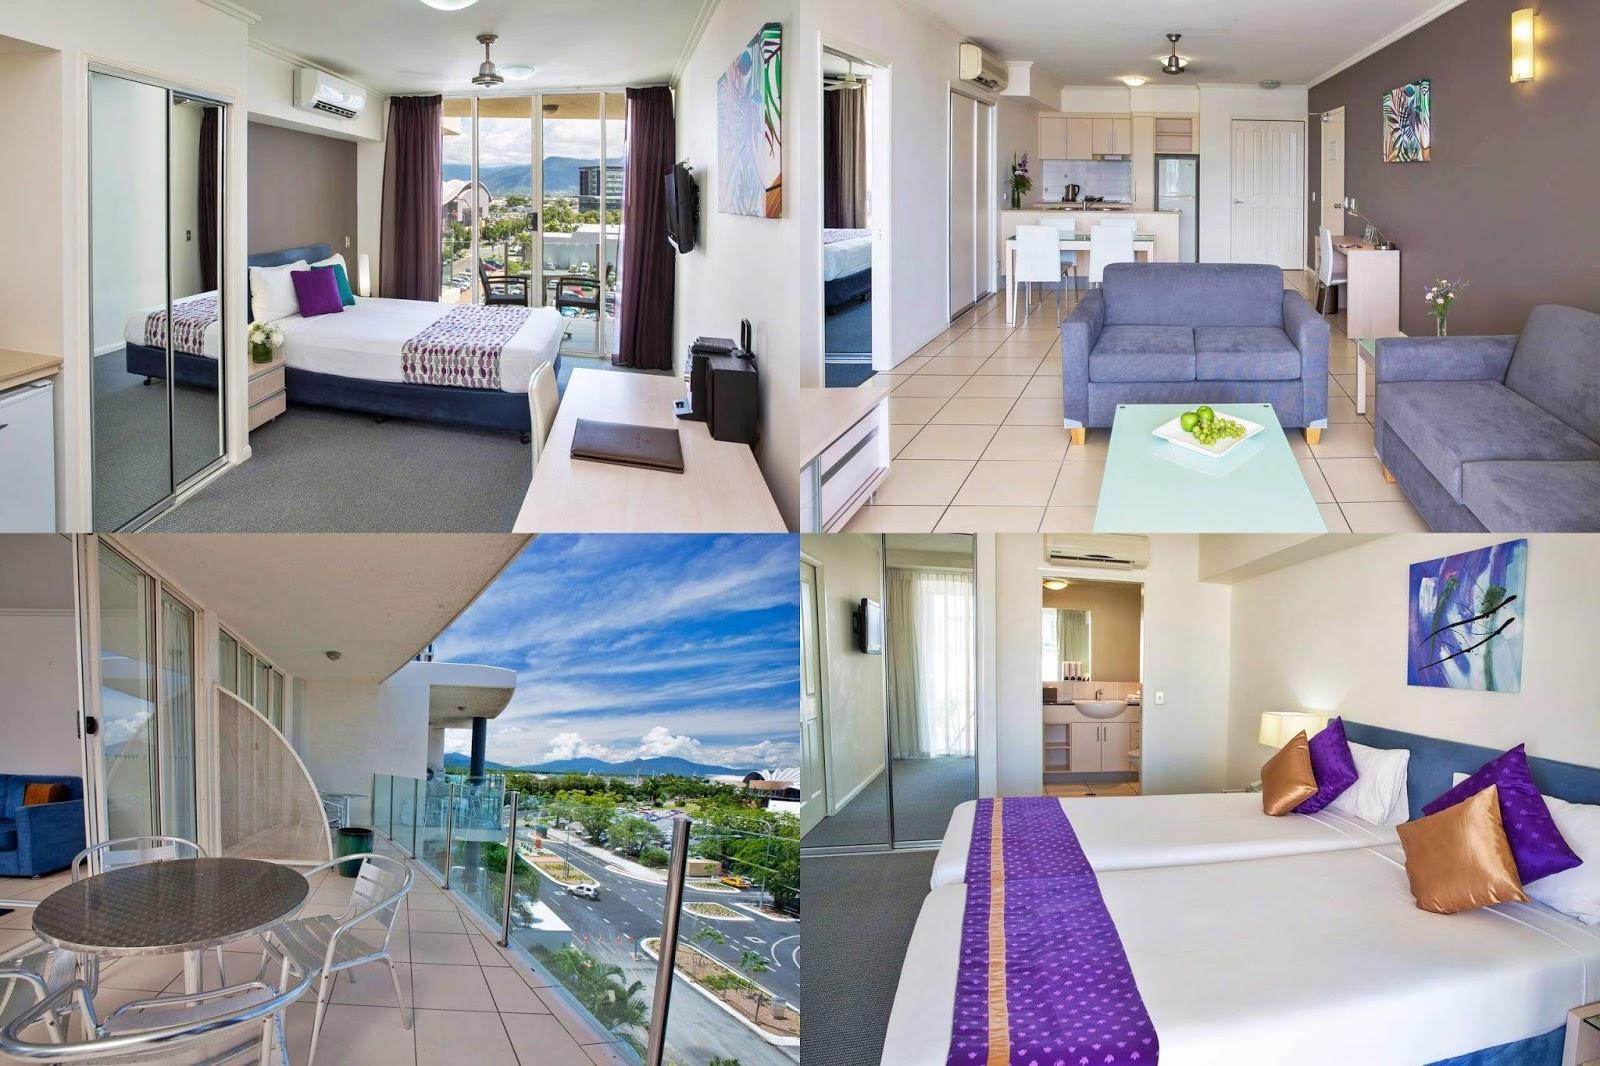 凱恩斯-住宿-推薦-奎伊斯市雷吉斯公園-飯店-旅館-民宿-公寓-酒店-Cairns-Park-Regis-City-Quays-Hotel